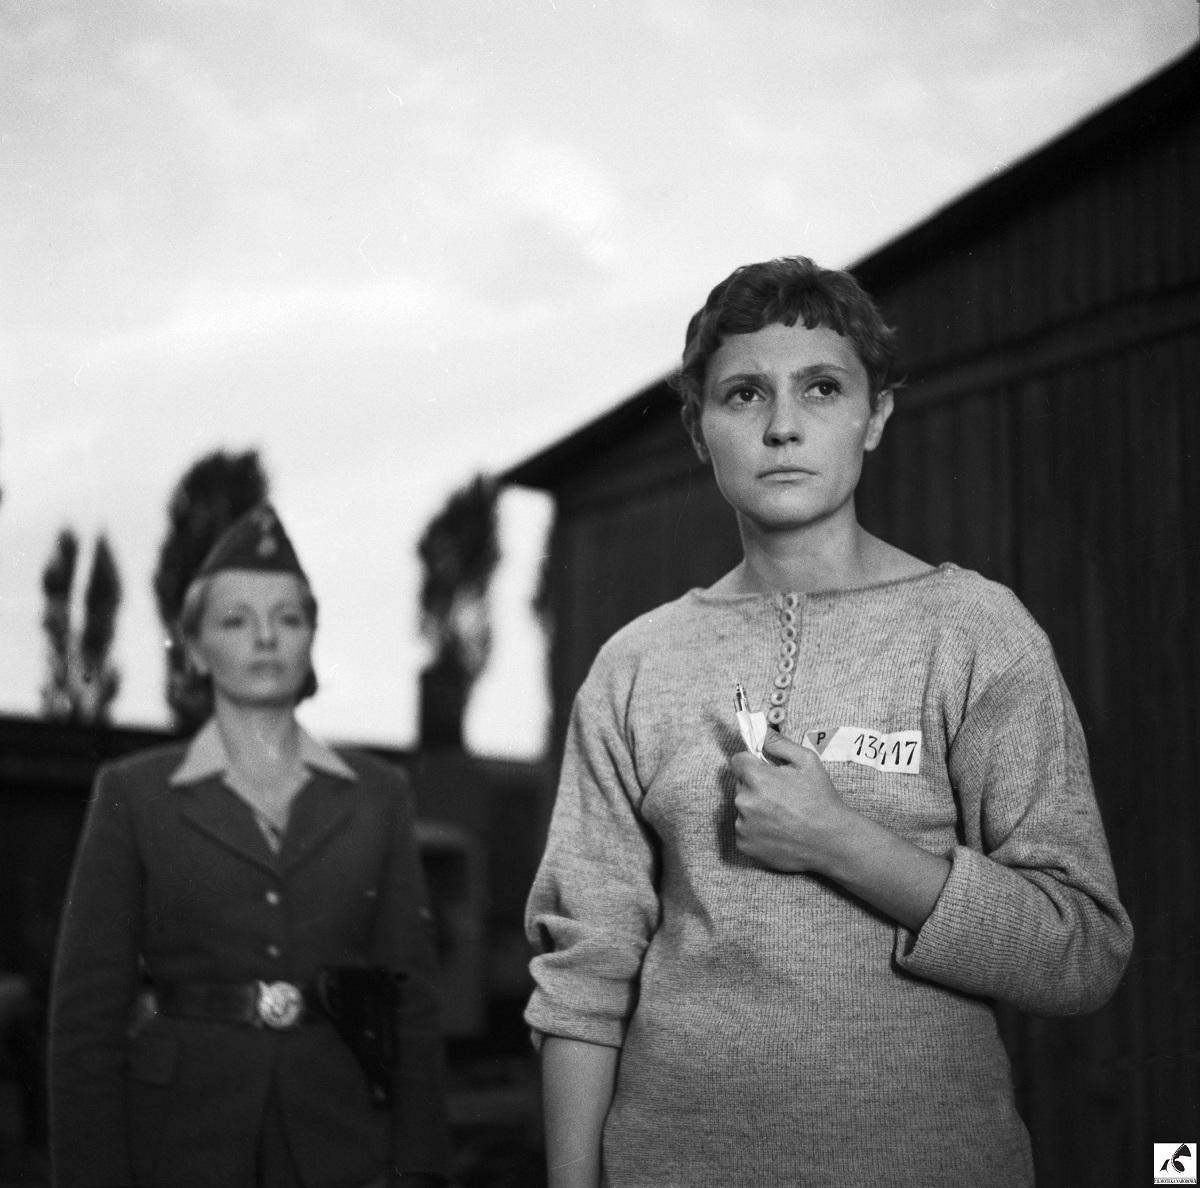 """Reż. Andrzej Munk """"Pasażerka"""", 1963 - kadr z filmu, materiał udostępniony przez organizatora"""